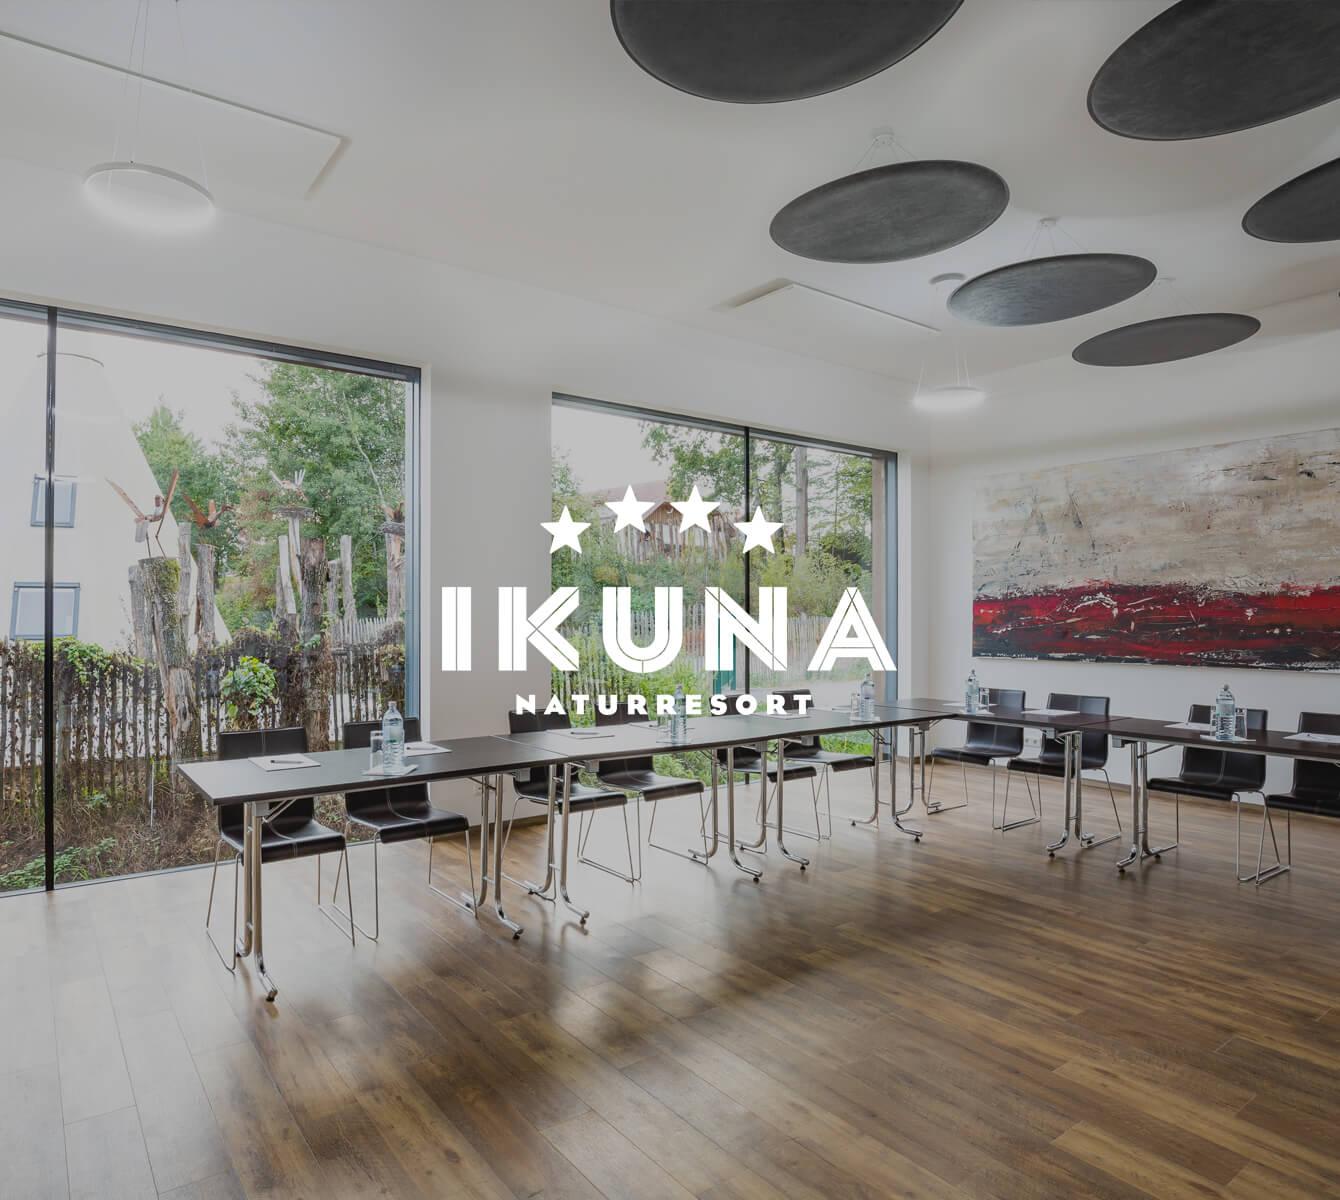 IKUNA SEMINARRESORT – Das Resort für anspruchsvolle Teambuildings und Seminare